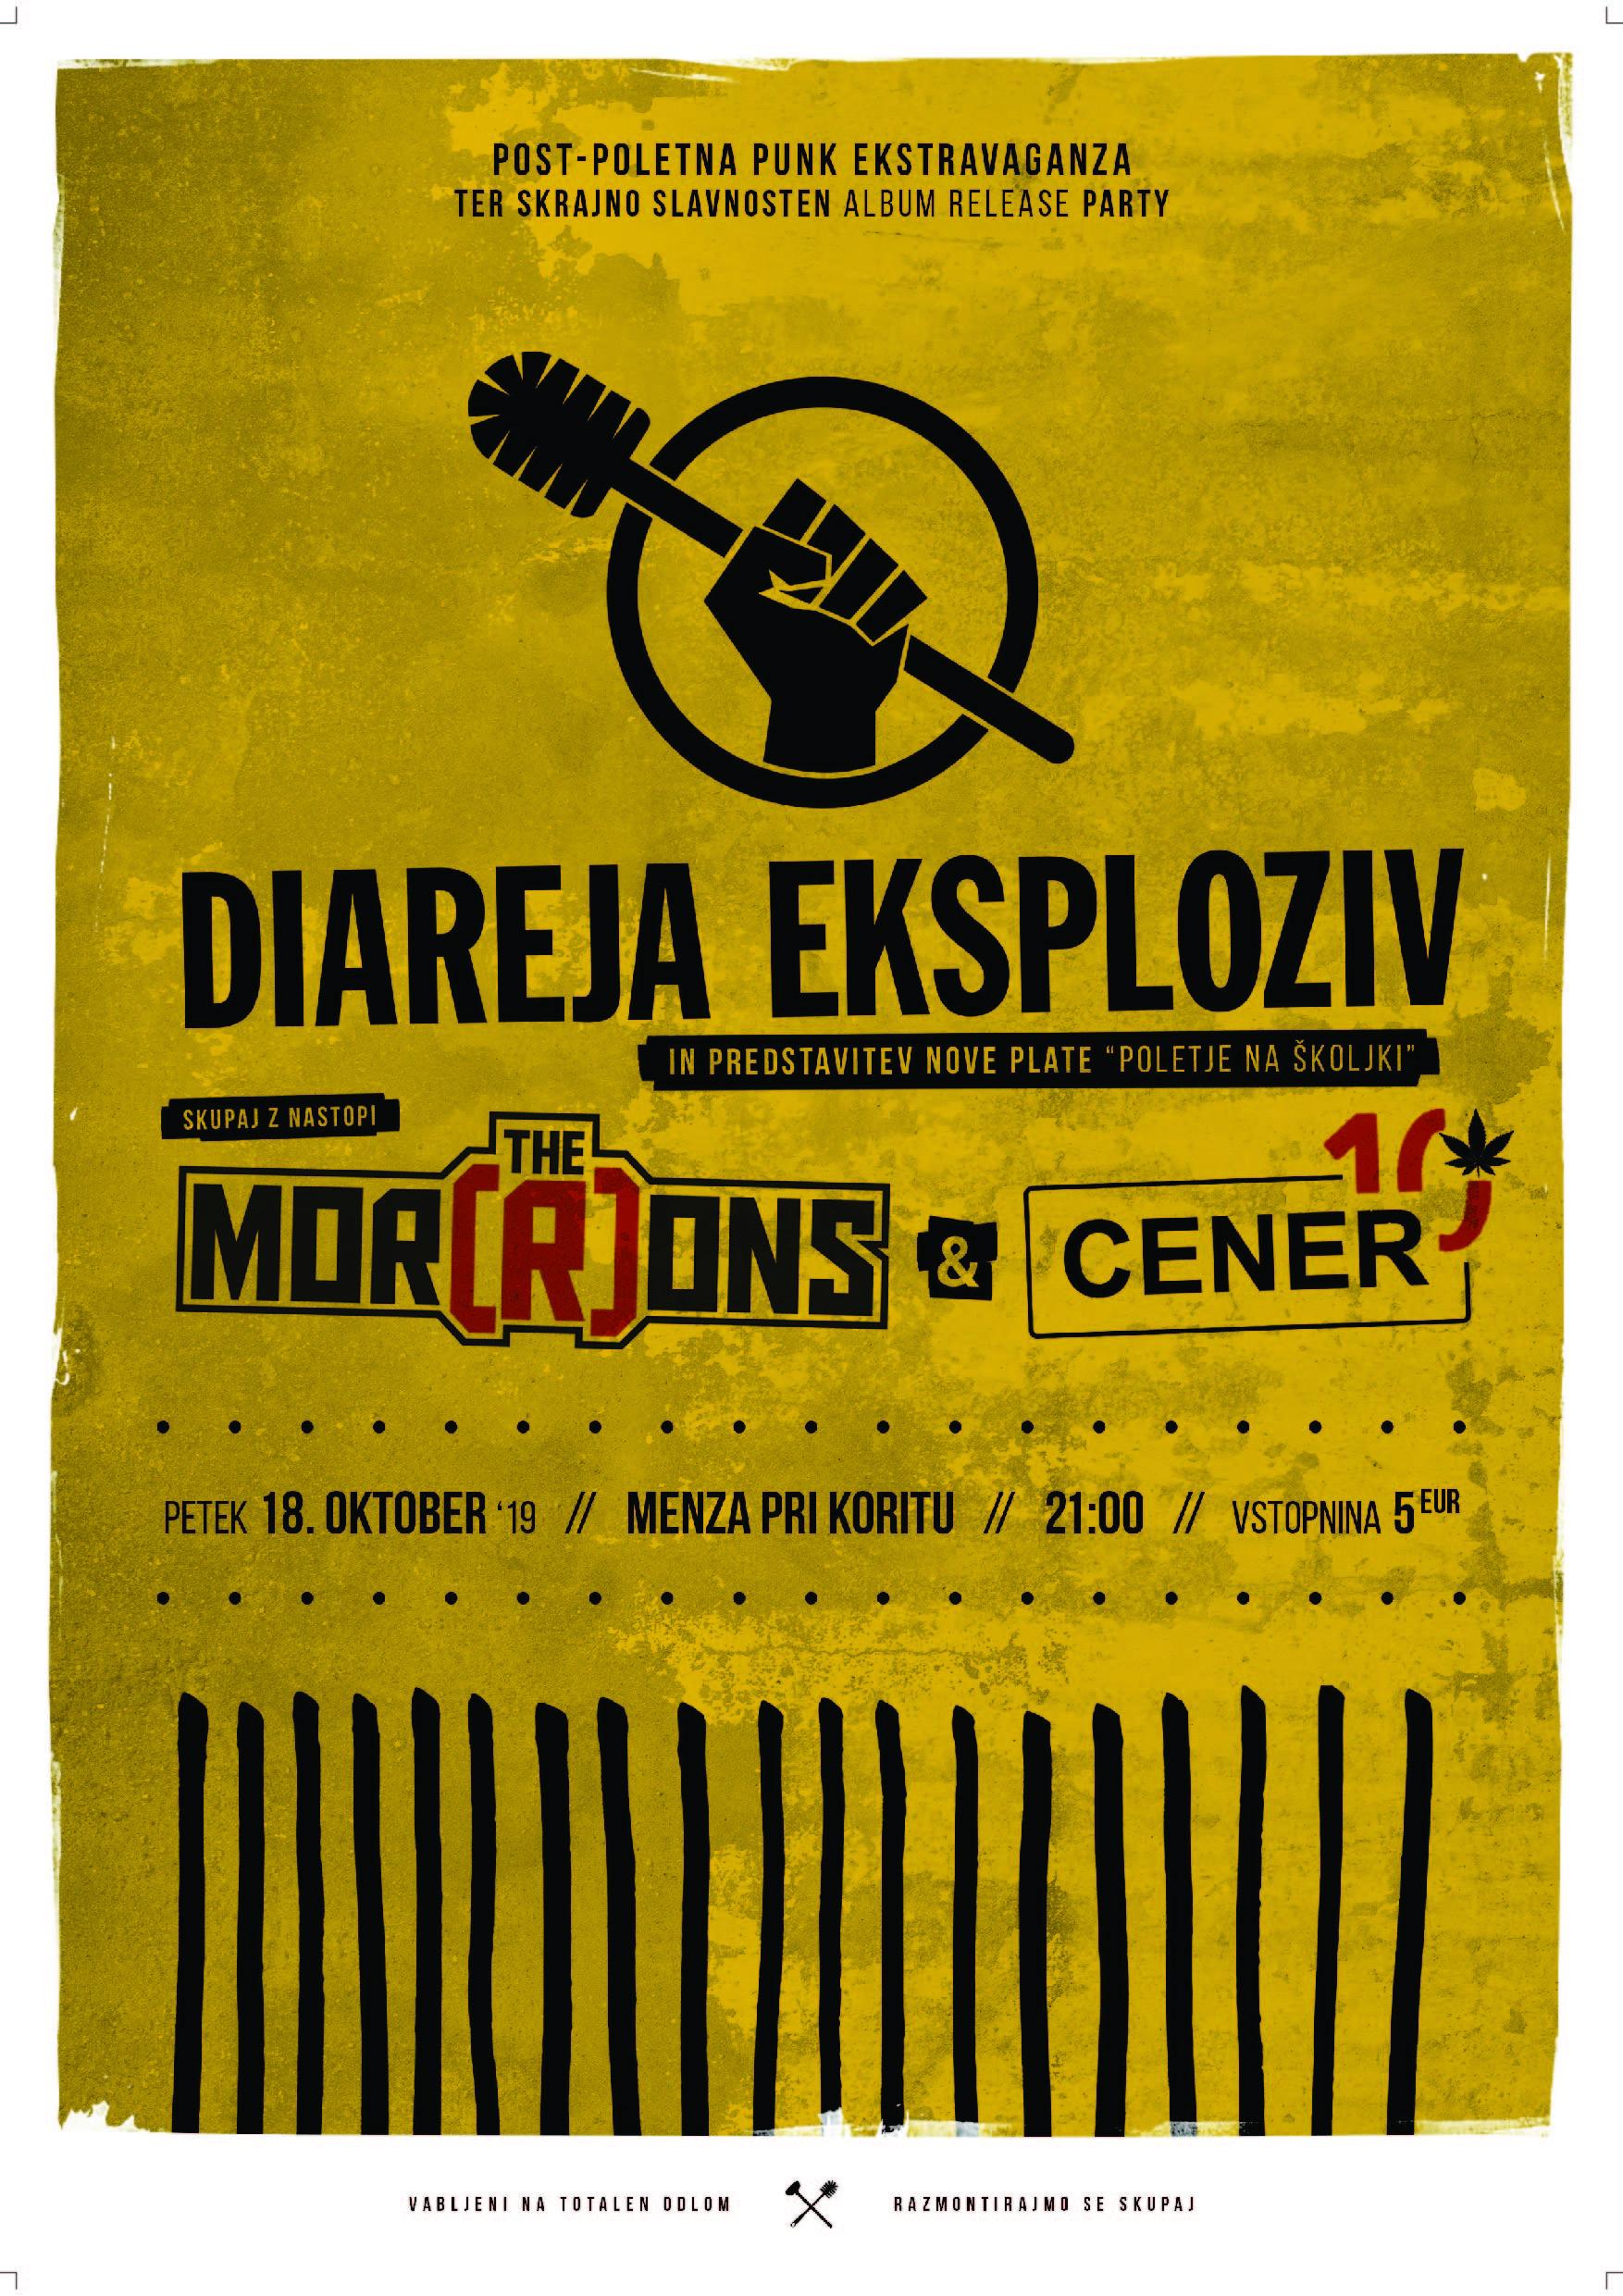 Diareja Eksploziv - Poletje na Å¡koljki + The Mor(R)ons + CENER